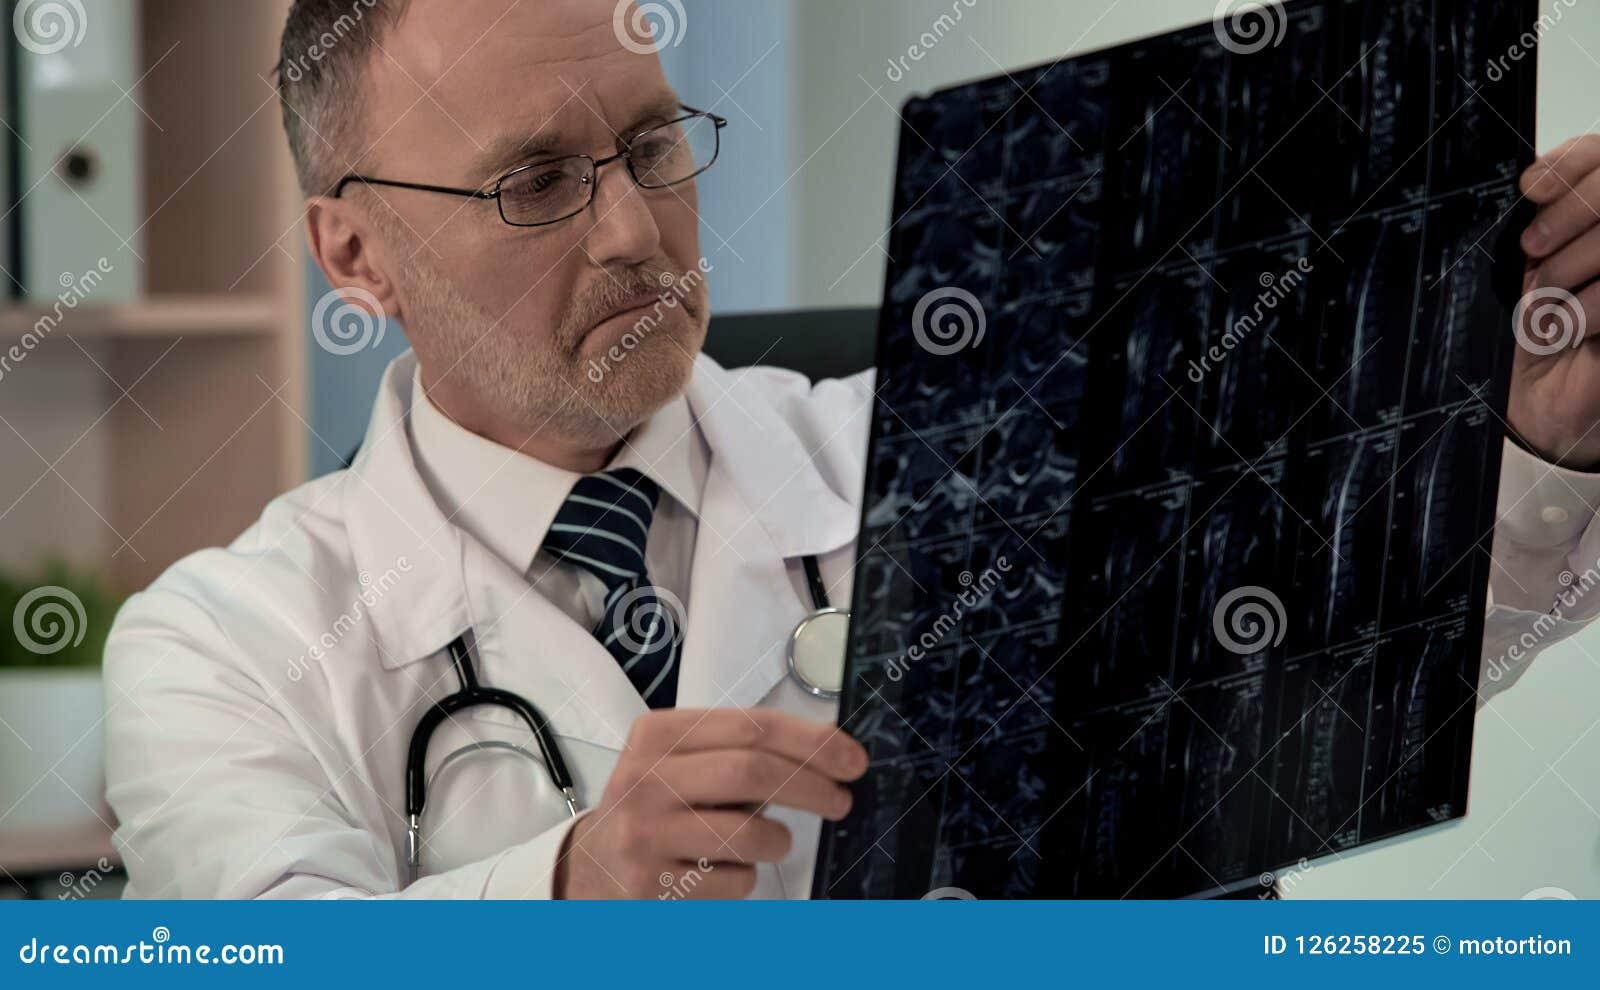 篡改学习不适的患者mri,发现损坏在颈椎,诊断